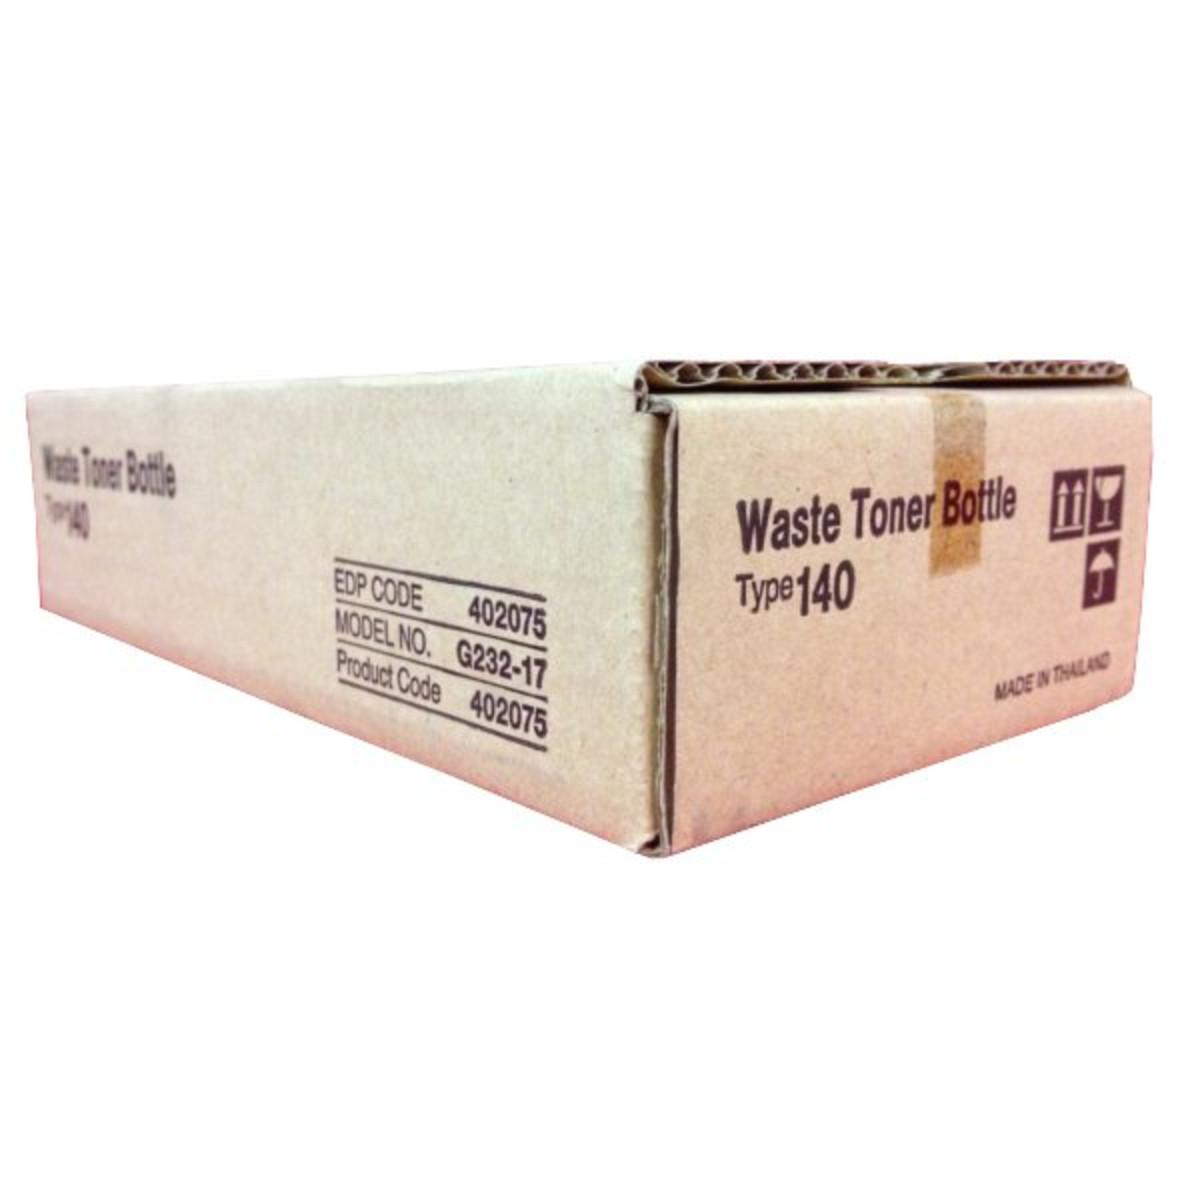 Lanier 402-075 Toner Waste Bottle